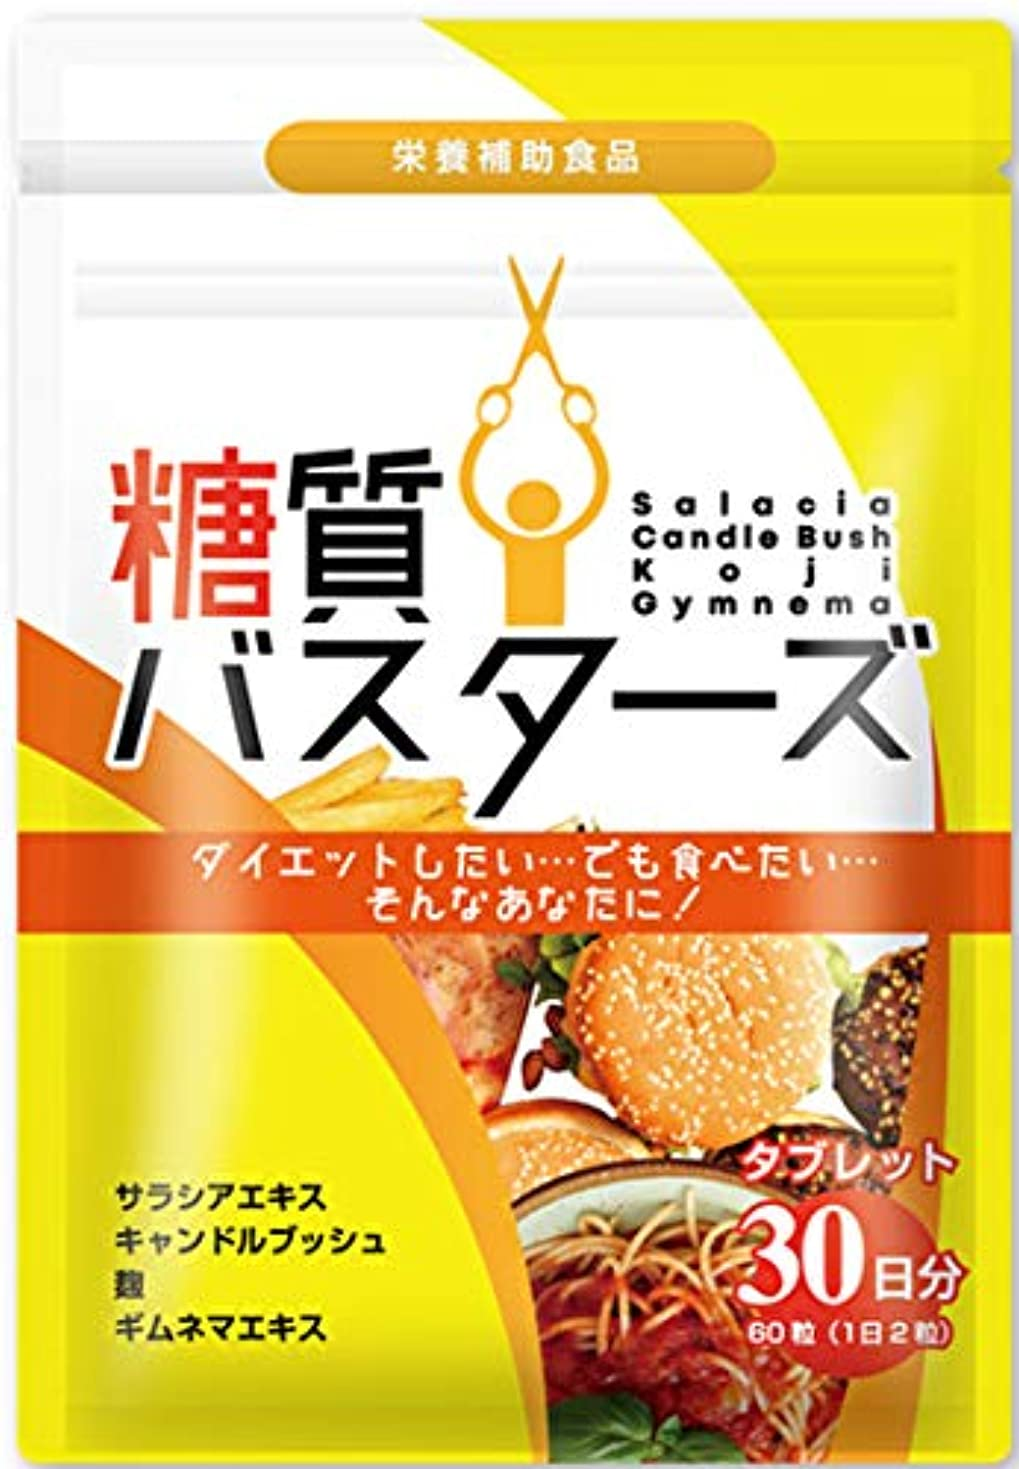 無関心思い出ヒステリック糖質バスターズ (30日分)ダイエットサプリ 糖質オフ 糖質カット 糖質制限 脂肪燃焼 ダイエット サラシア サプリ 糖質ダイエット